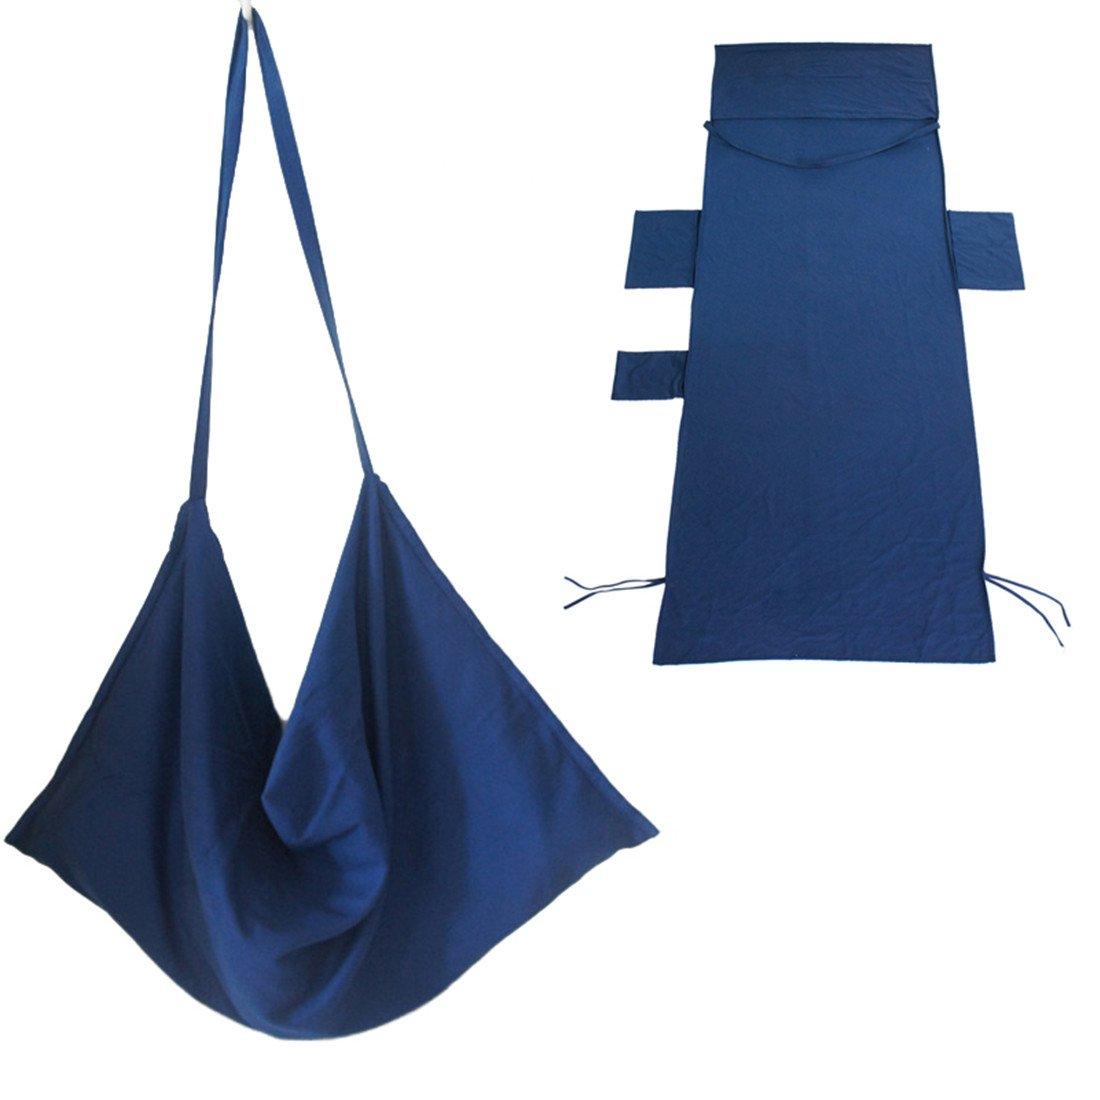 Holiday Garden lounge con tasche Laxllent nuoto spiaggia asciugamano in microfibra sdraio asciugamani di lettino Mate rapida asciugatura per campeggio